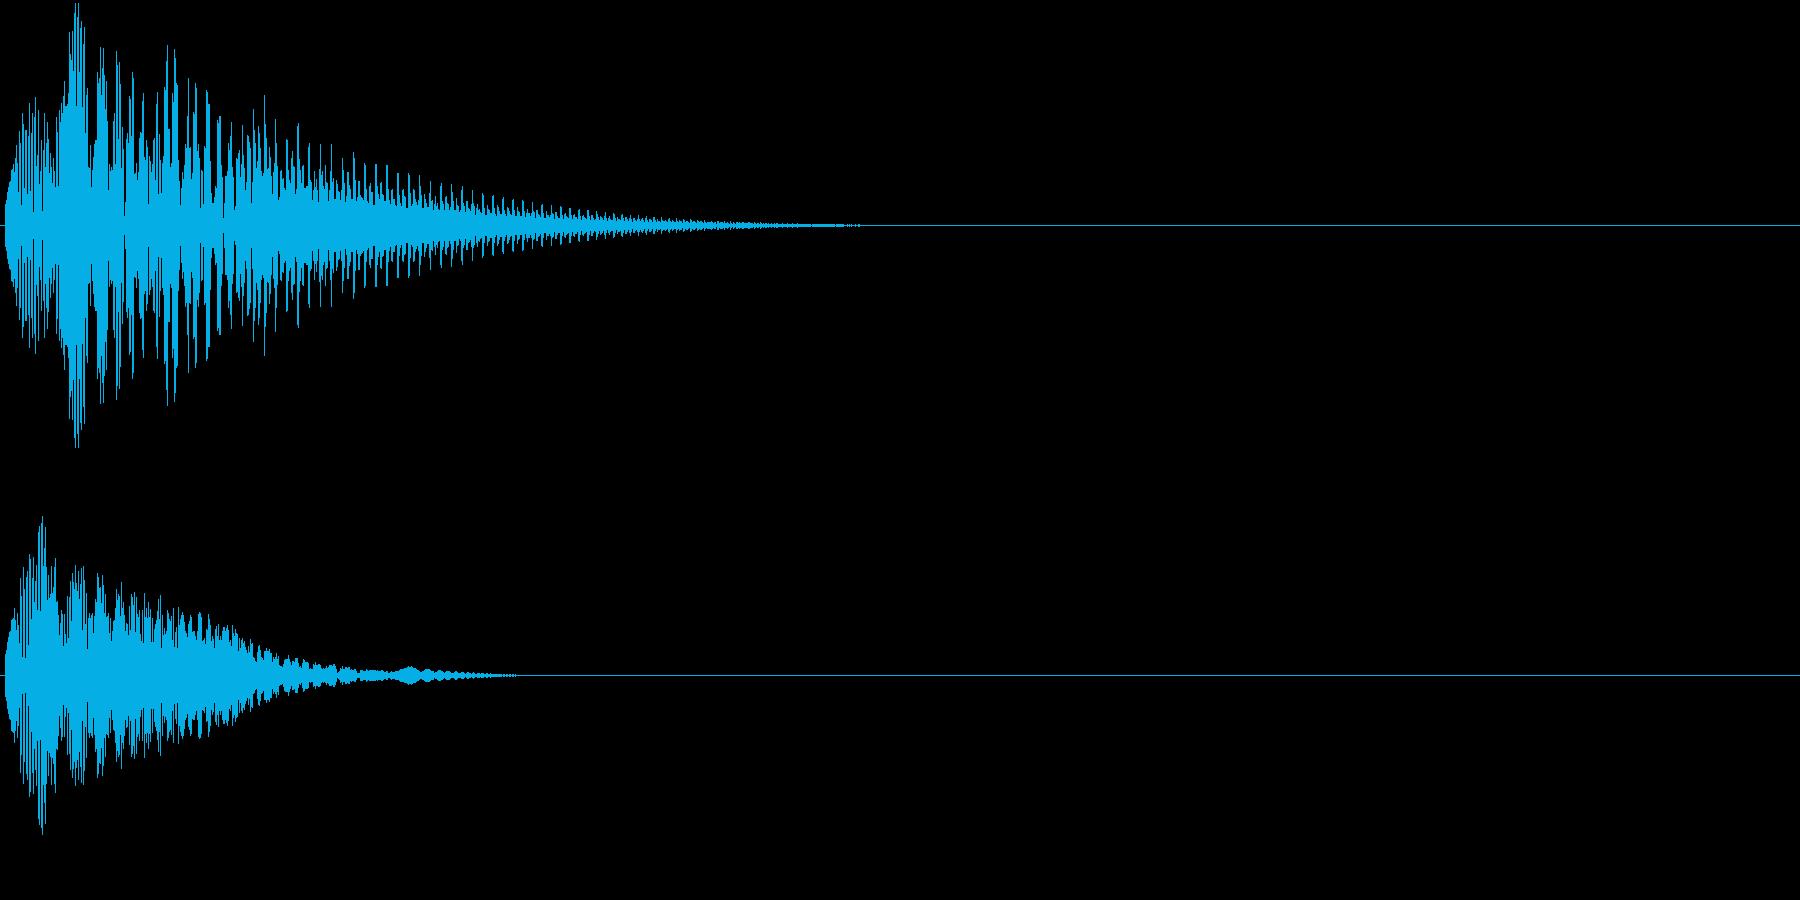 Baby 幼児玩具向け可愛い電子音10の再生済みの波形